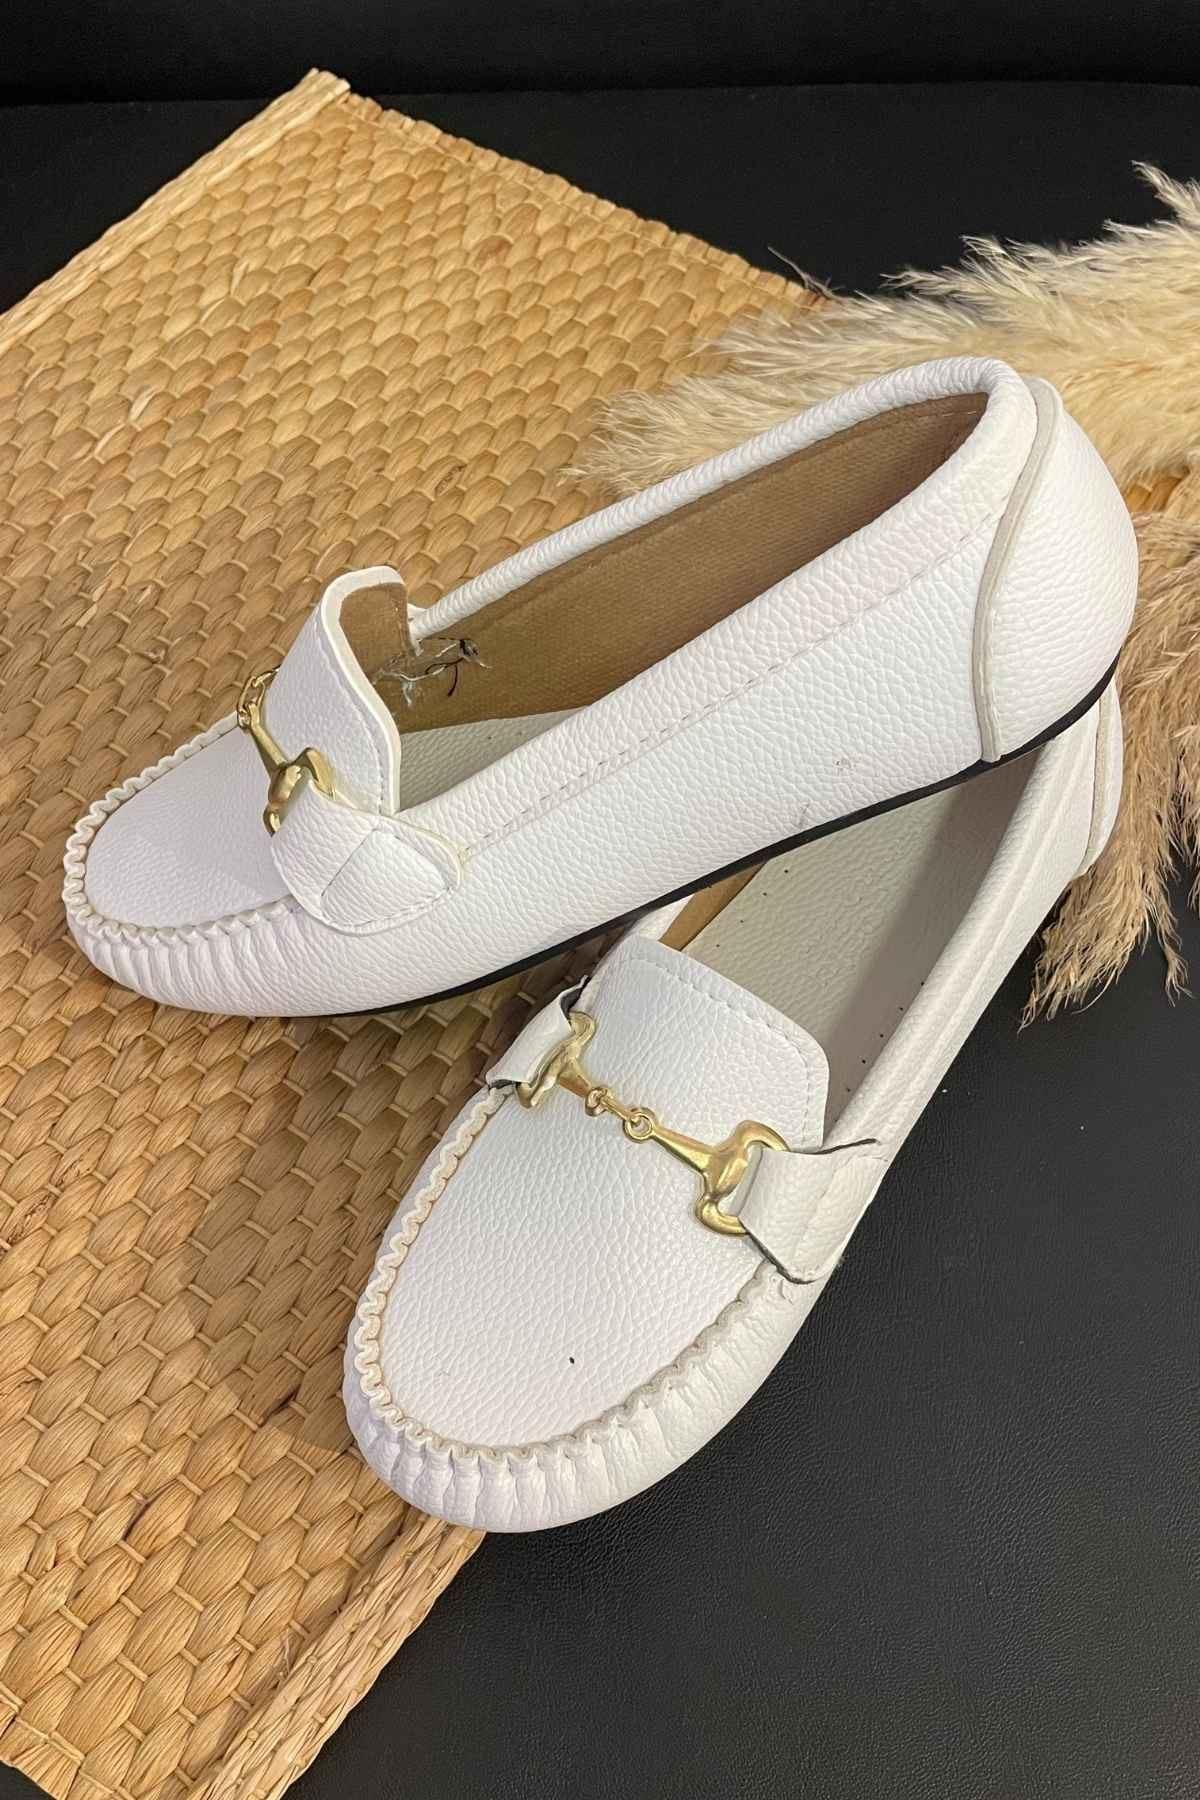 Soho Beyaz Deri Tokalı Rok Babet Ayakkabı